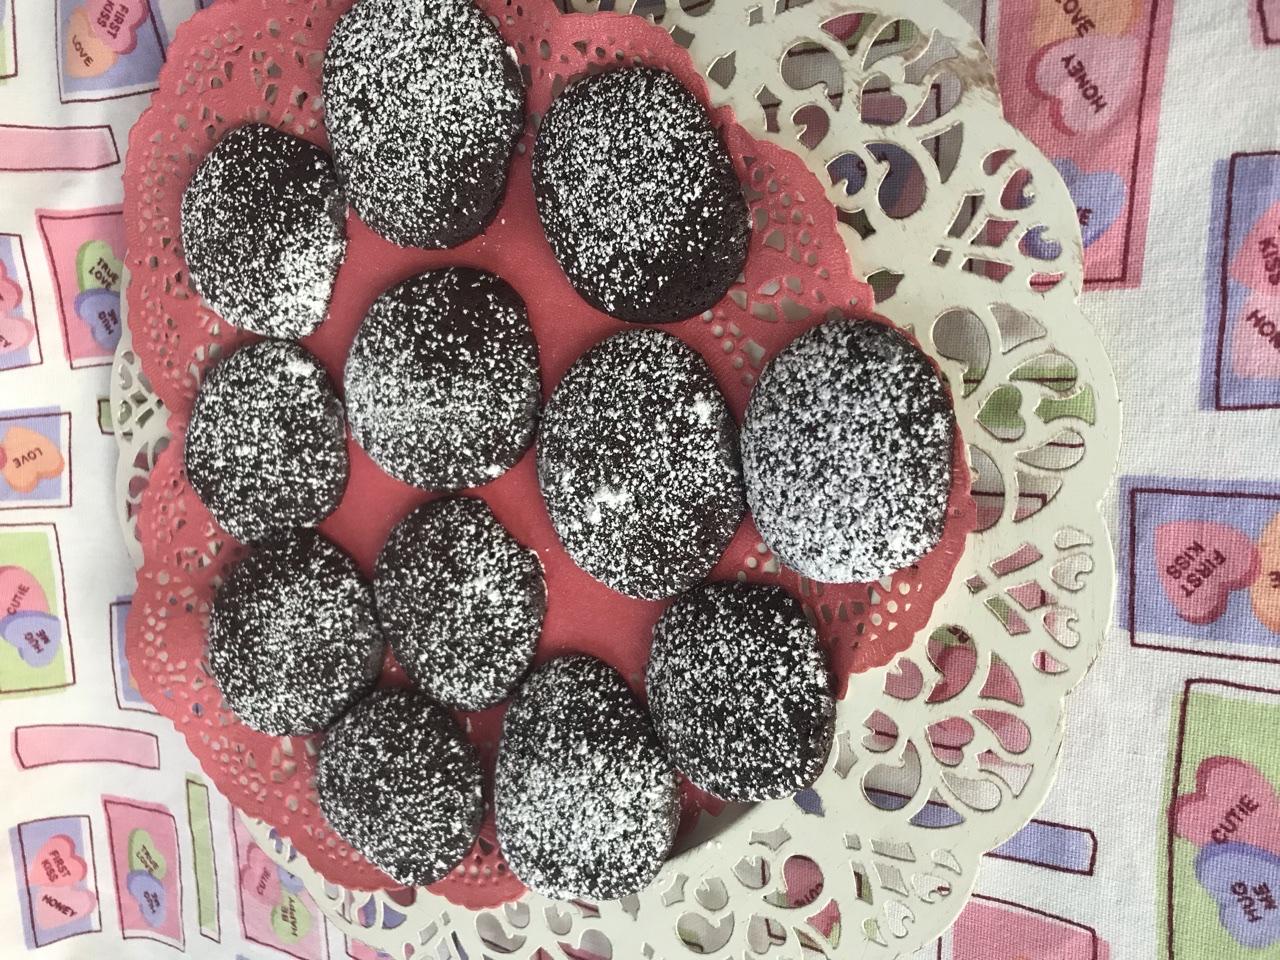 Chocolate Crisps Tina